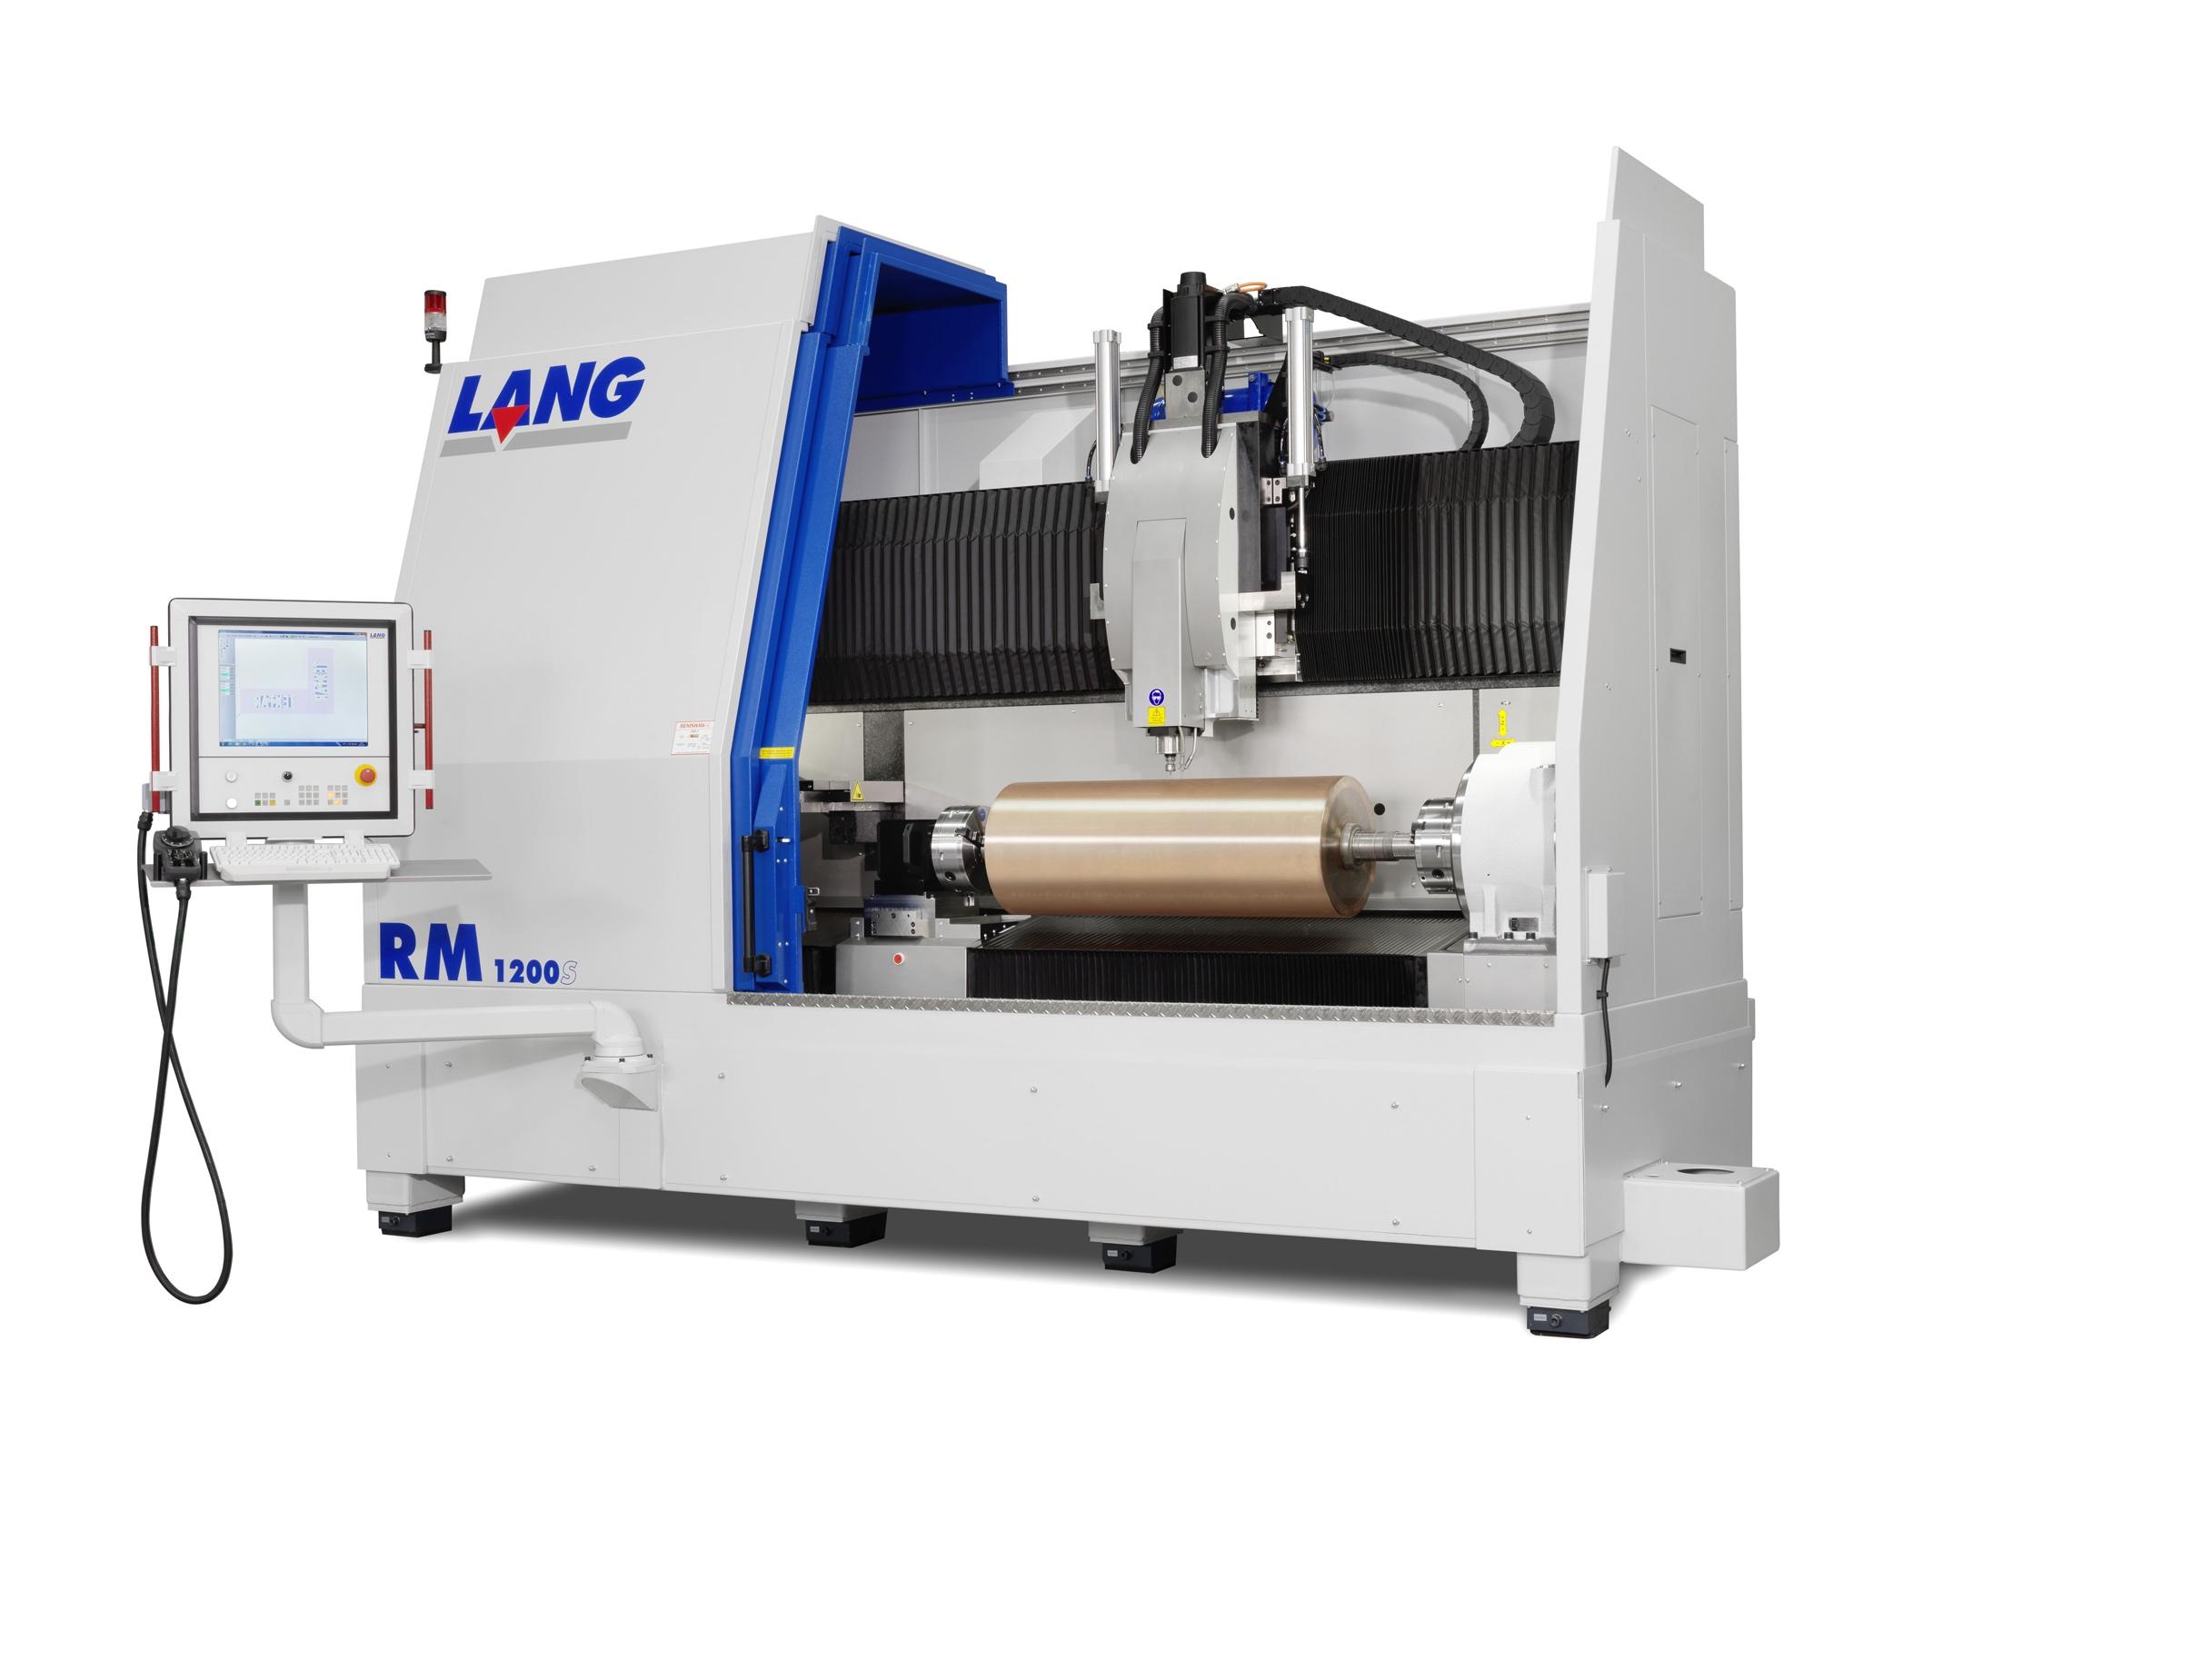 RM-Serie von LANG: Fräsmaschinen für kürzere Produktions- und Lieferzeiten von Zylindern